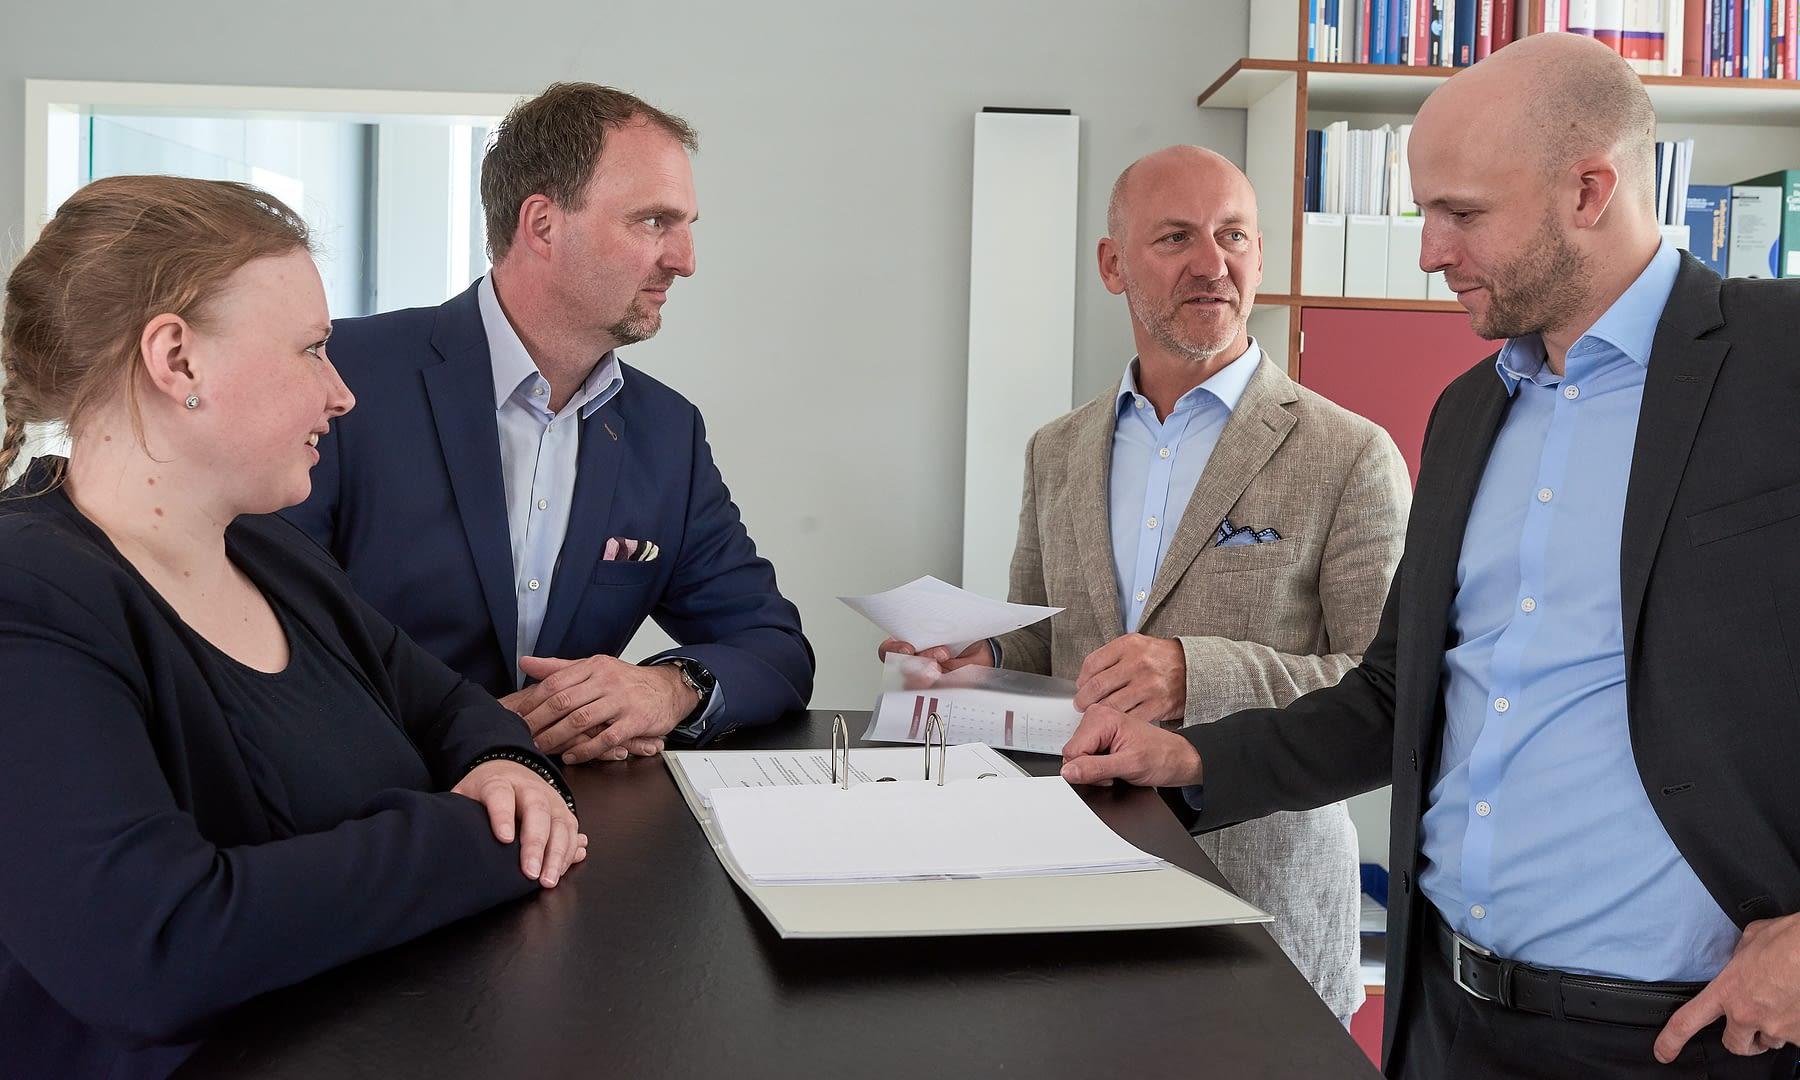 Dw Partner business portrait 2019 16